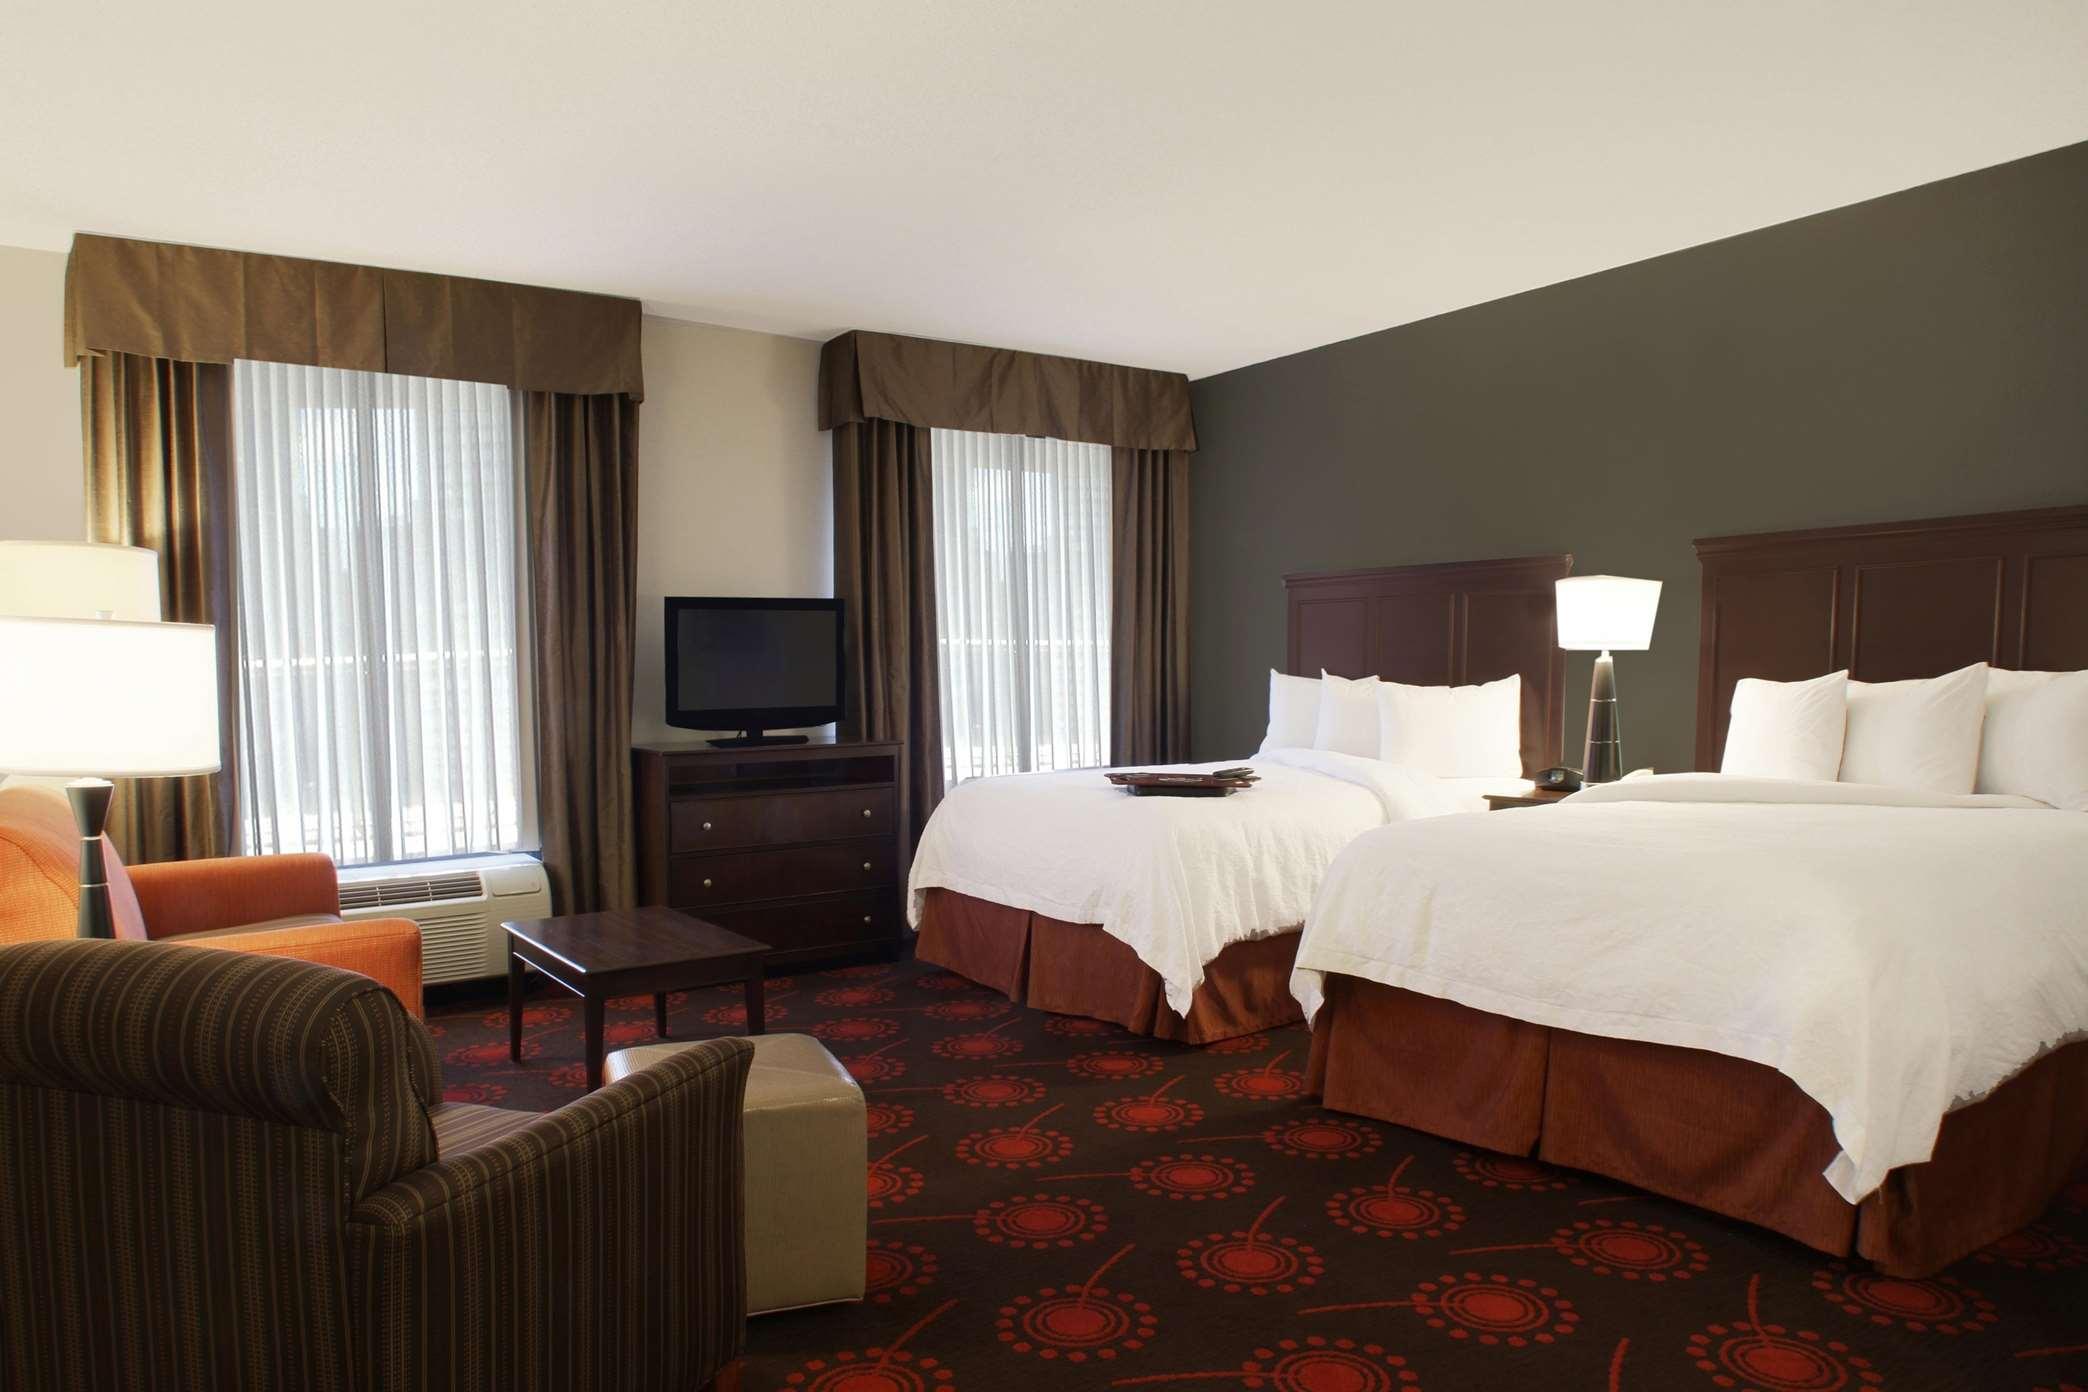 Hampton Inn & Suites Port St. Lucie, West image 20